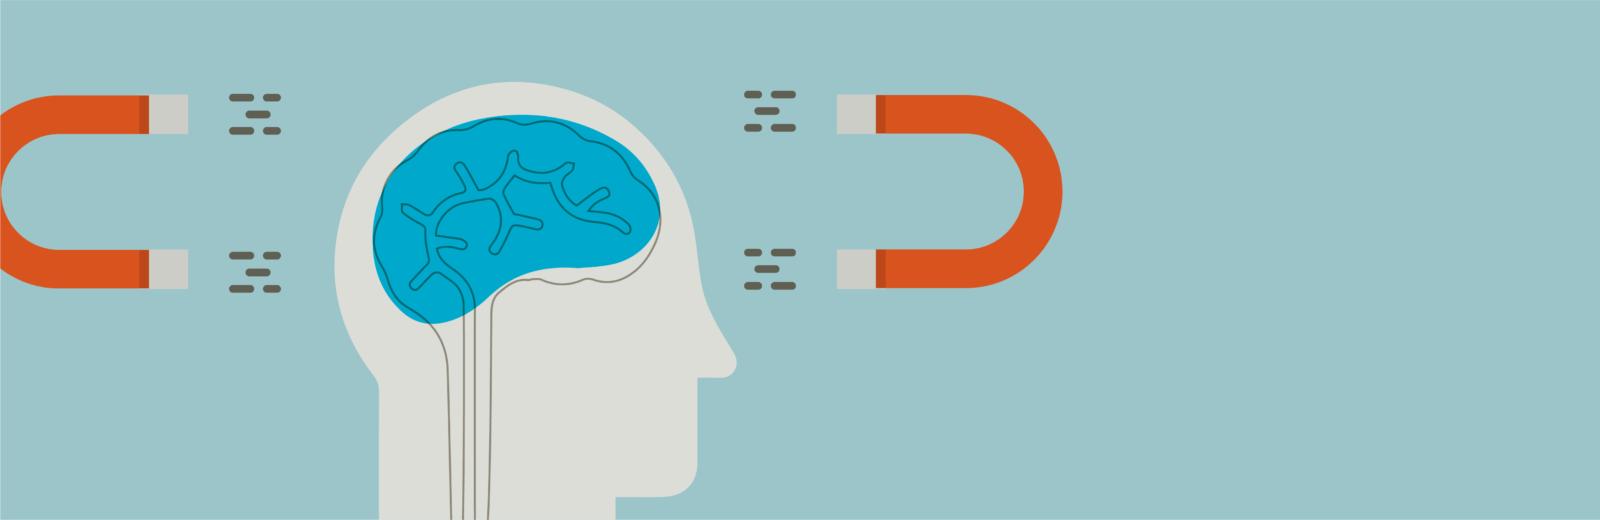 Slide Design - Illustration of Magnets on side of human head